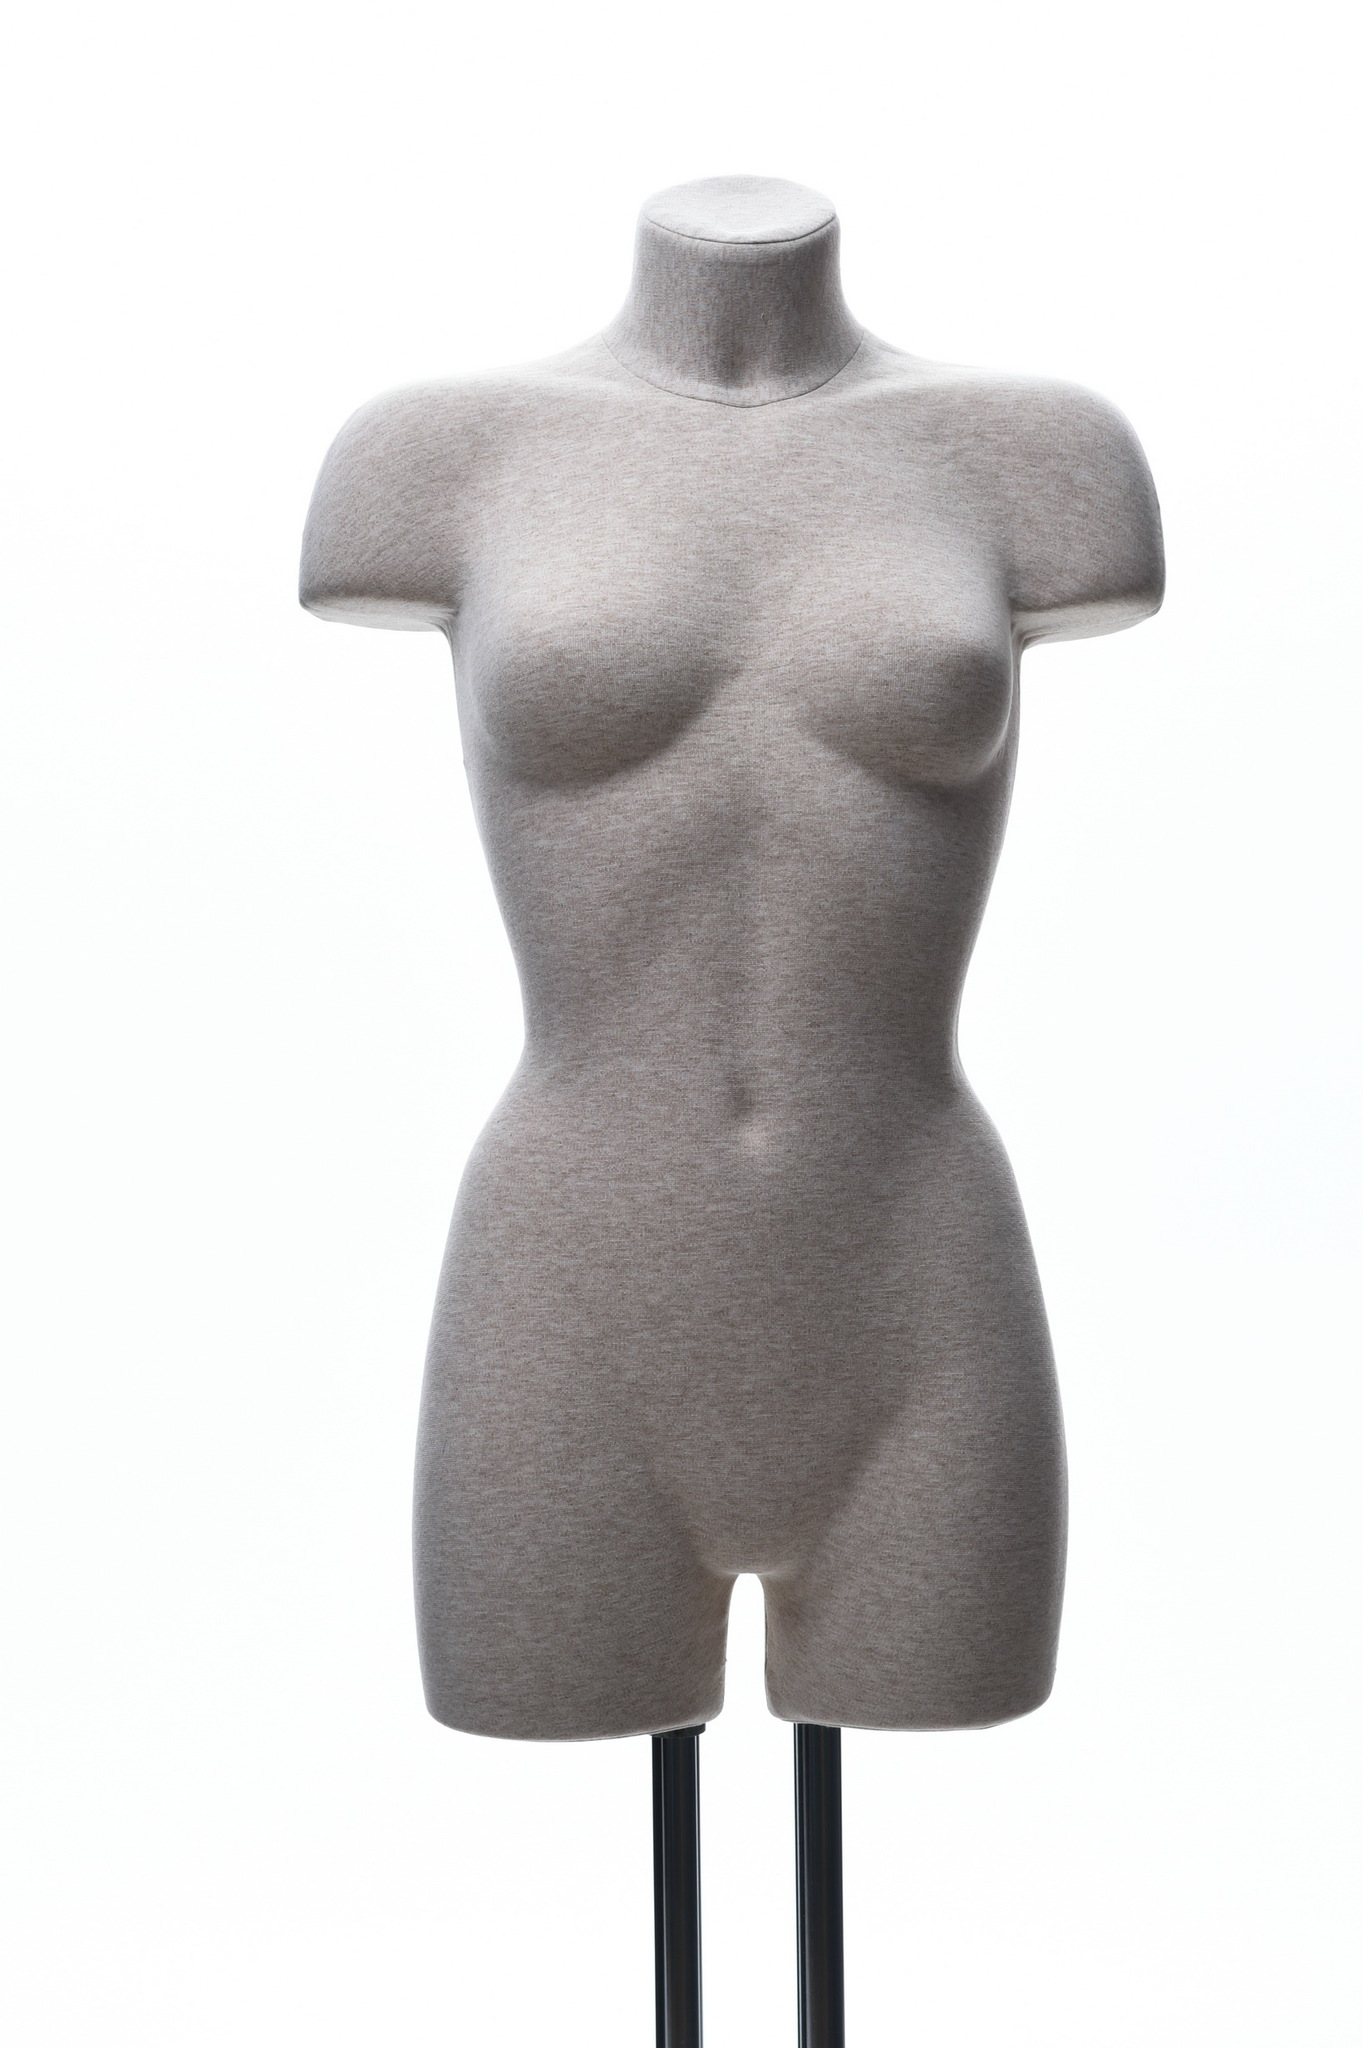 Демонстрационный женский манекен с выраженным рельефом 42-44 размер (телесный)